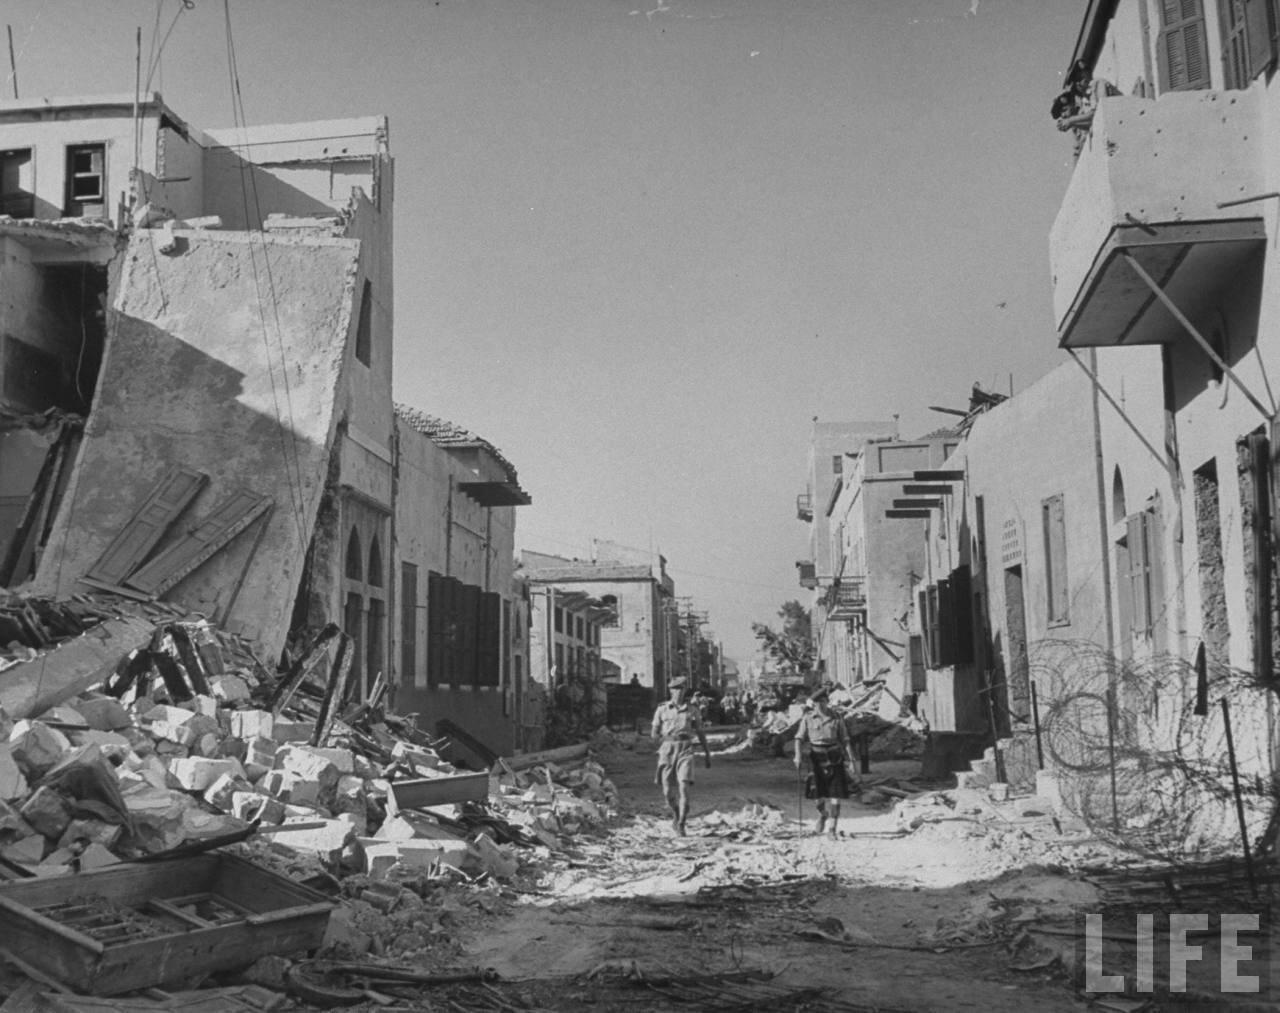 1948.Май. Два солдата идут среди развалин, точное местоположение неизвестно